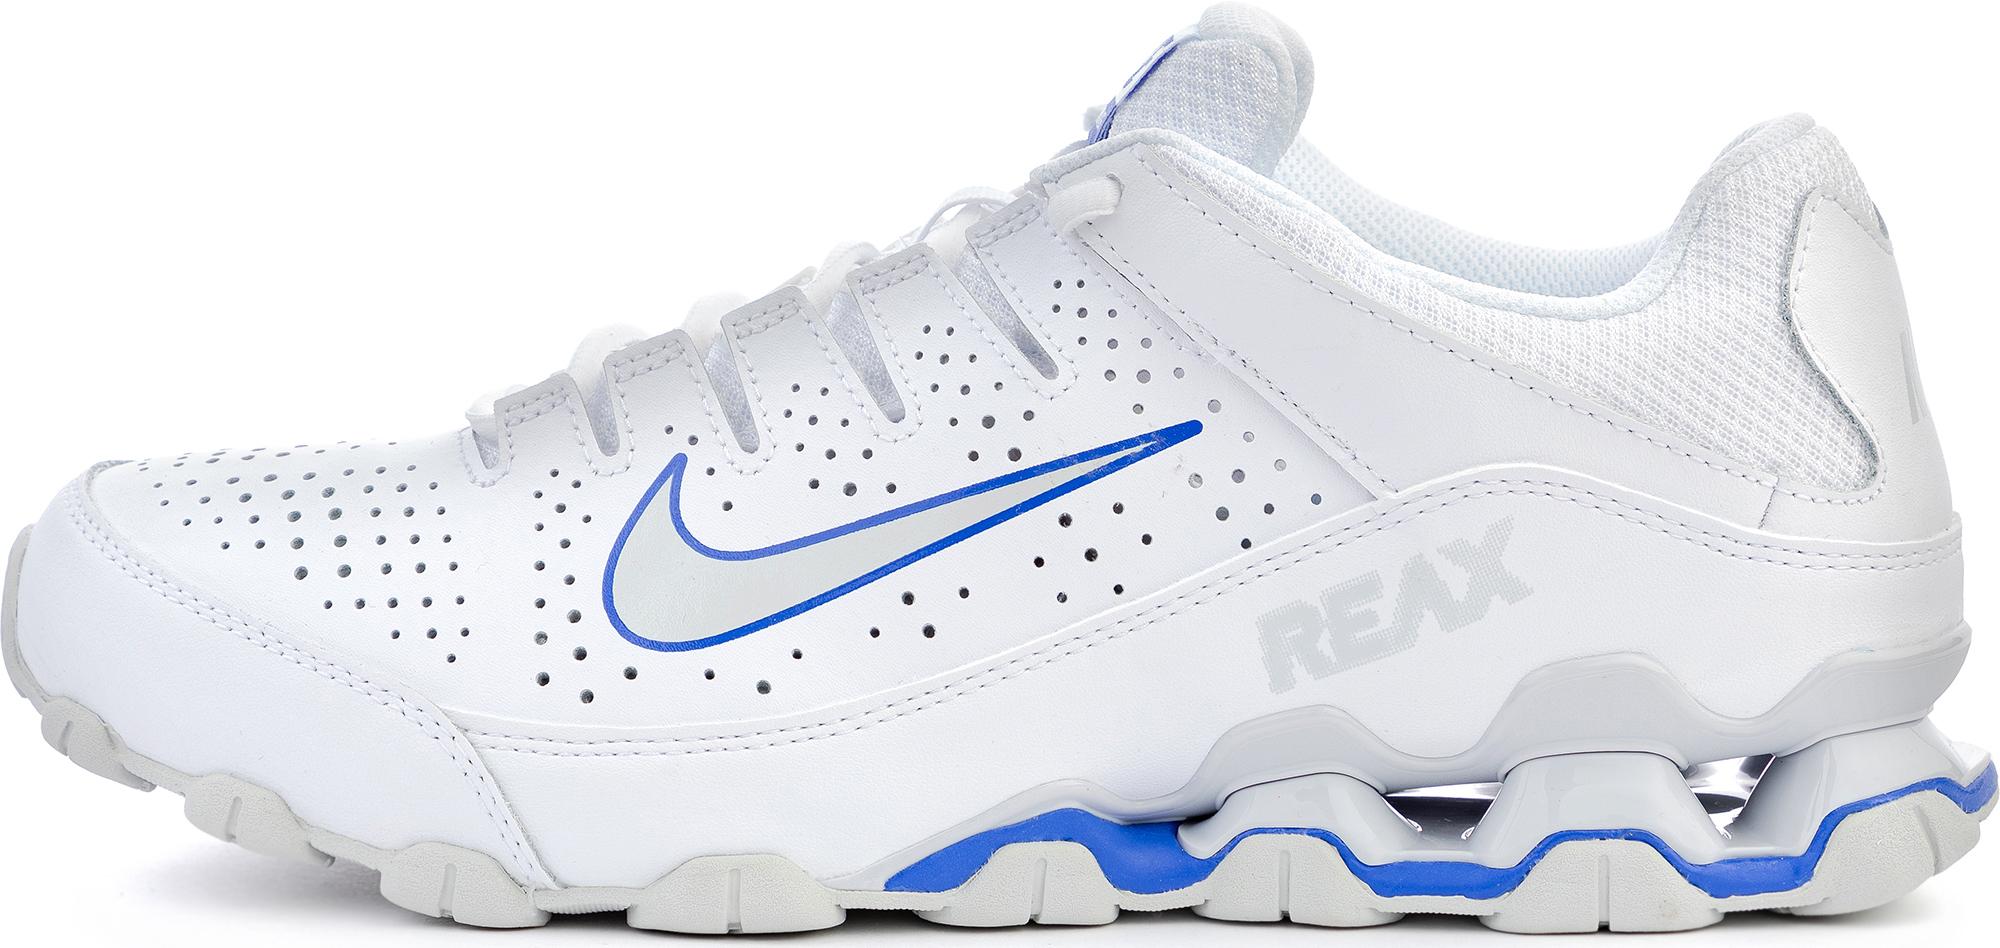 Фото - Nike Кроссовки мужские Nike Reax 8 Tr, размер 45 кроссовки мужские твое цвет белый a4390 размер 45